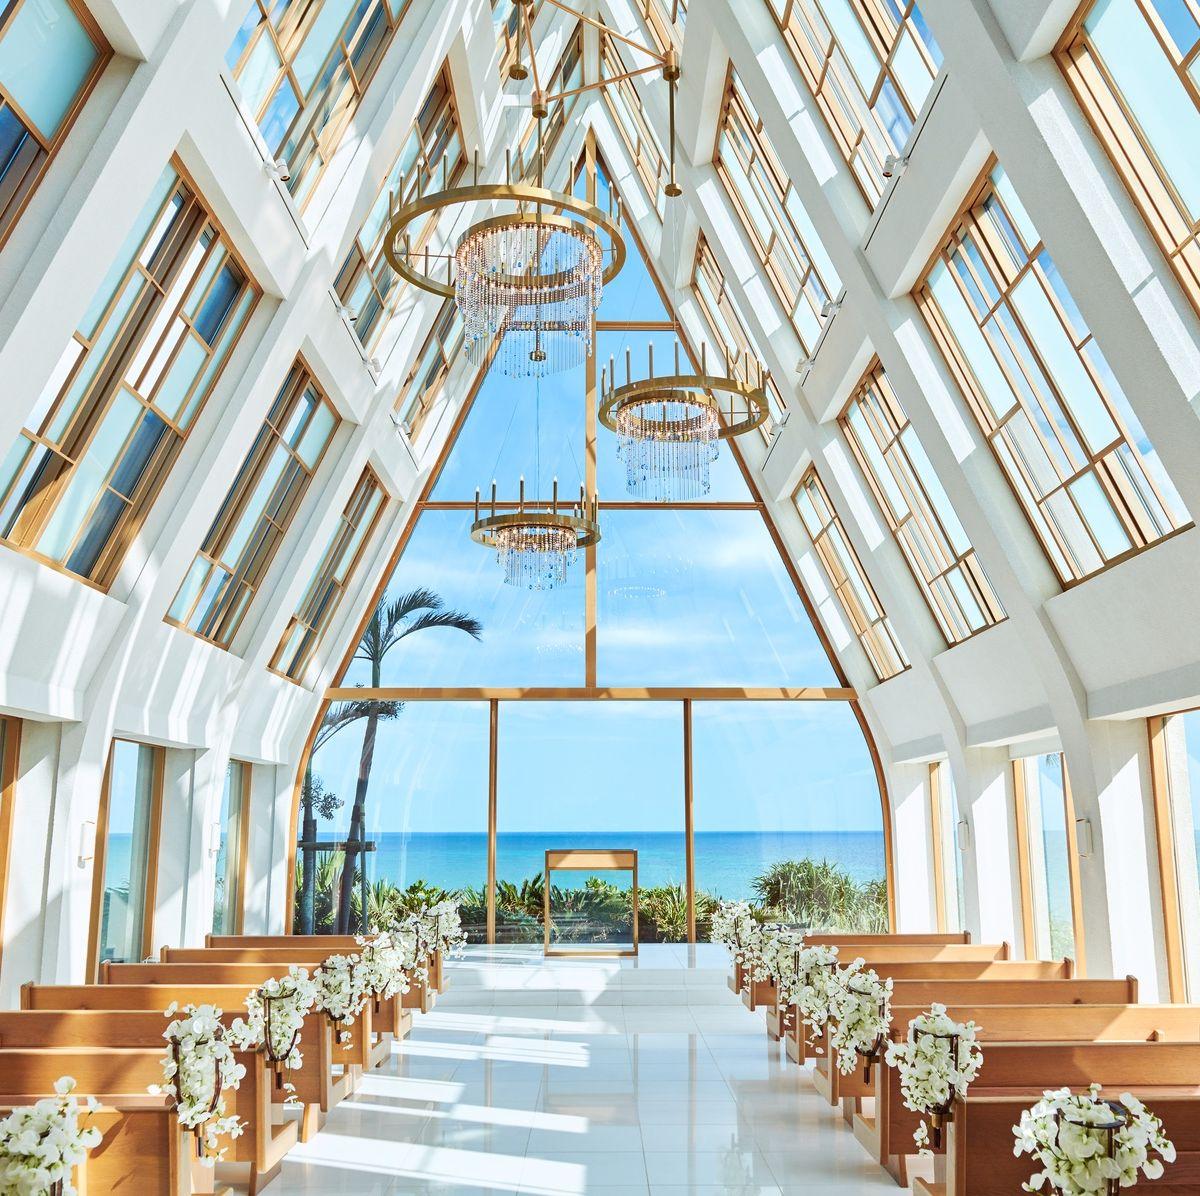 ザ・ギノザリゾート 美らの教会の公式写真1枚目